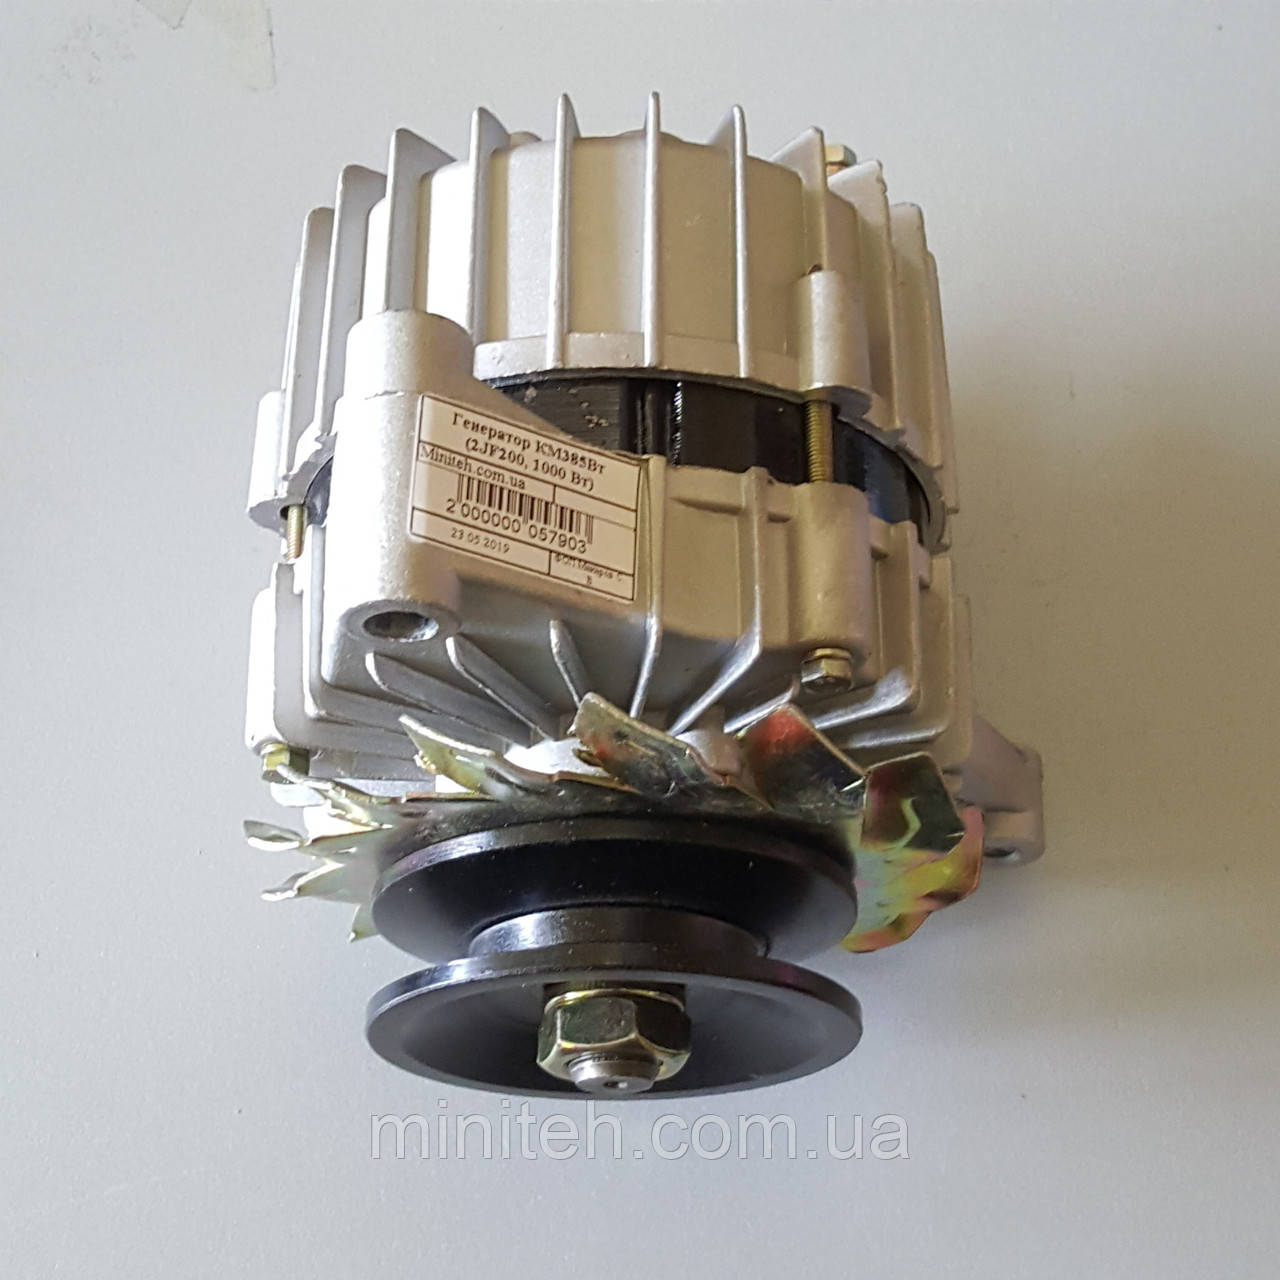 Генератор JFW 131, 350 Вт (ХТ-24В, SM-240B)